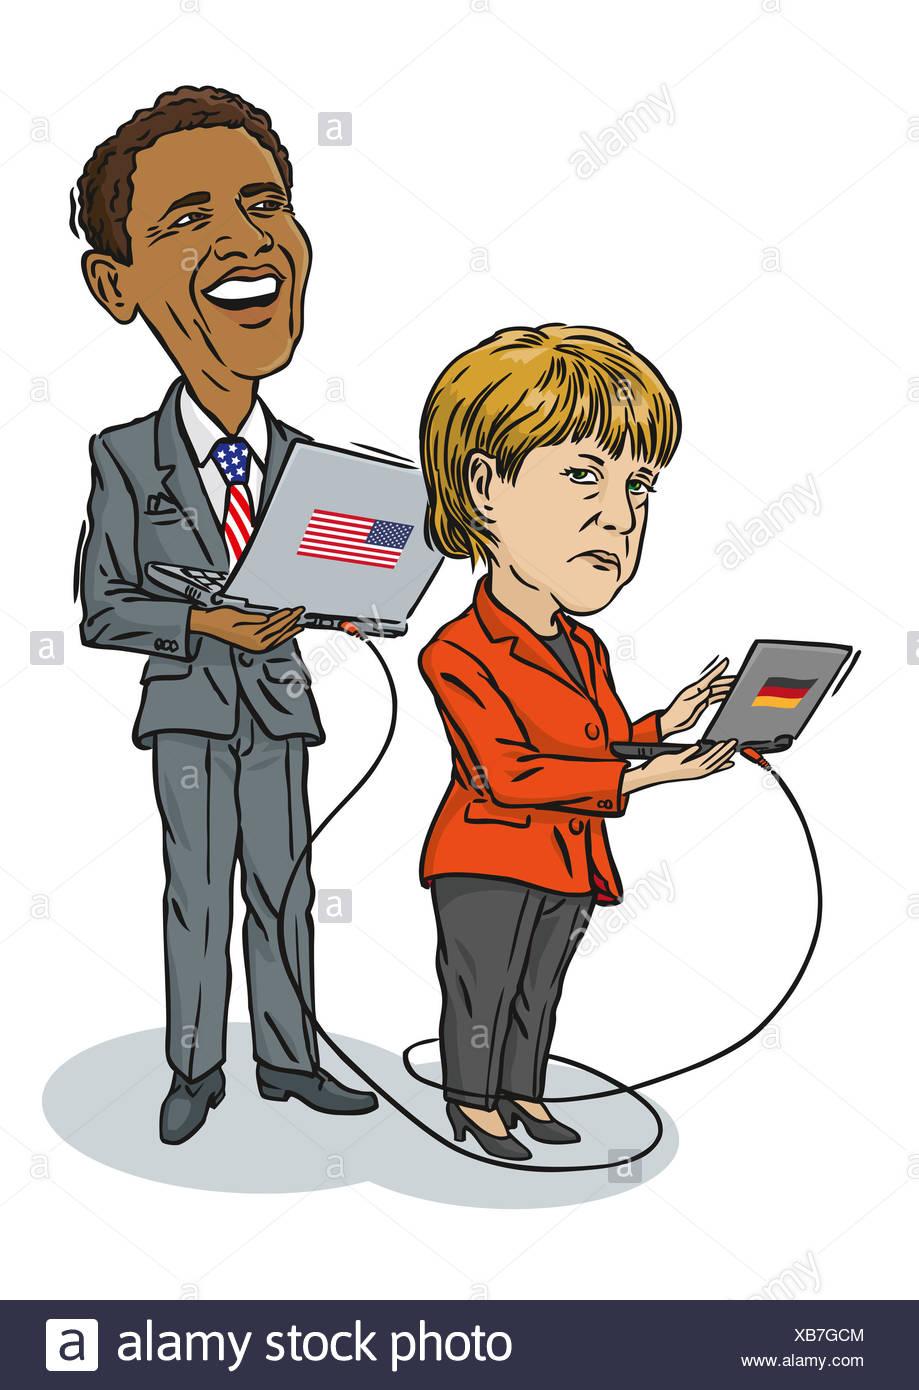 Obama am Computer überwacht Merkel und speichert Daten. - Stock Image